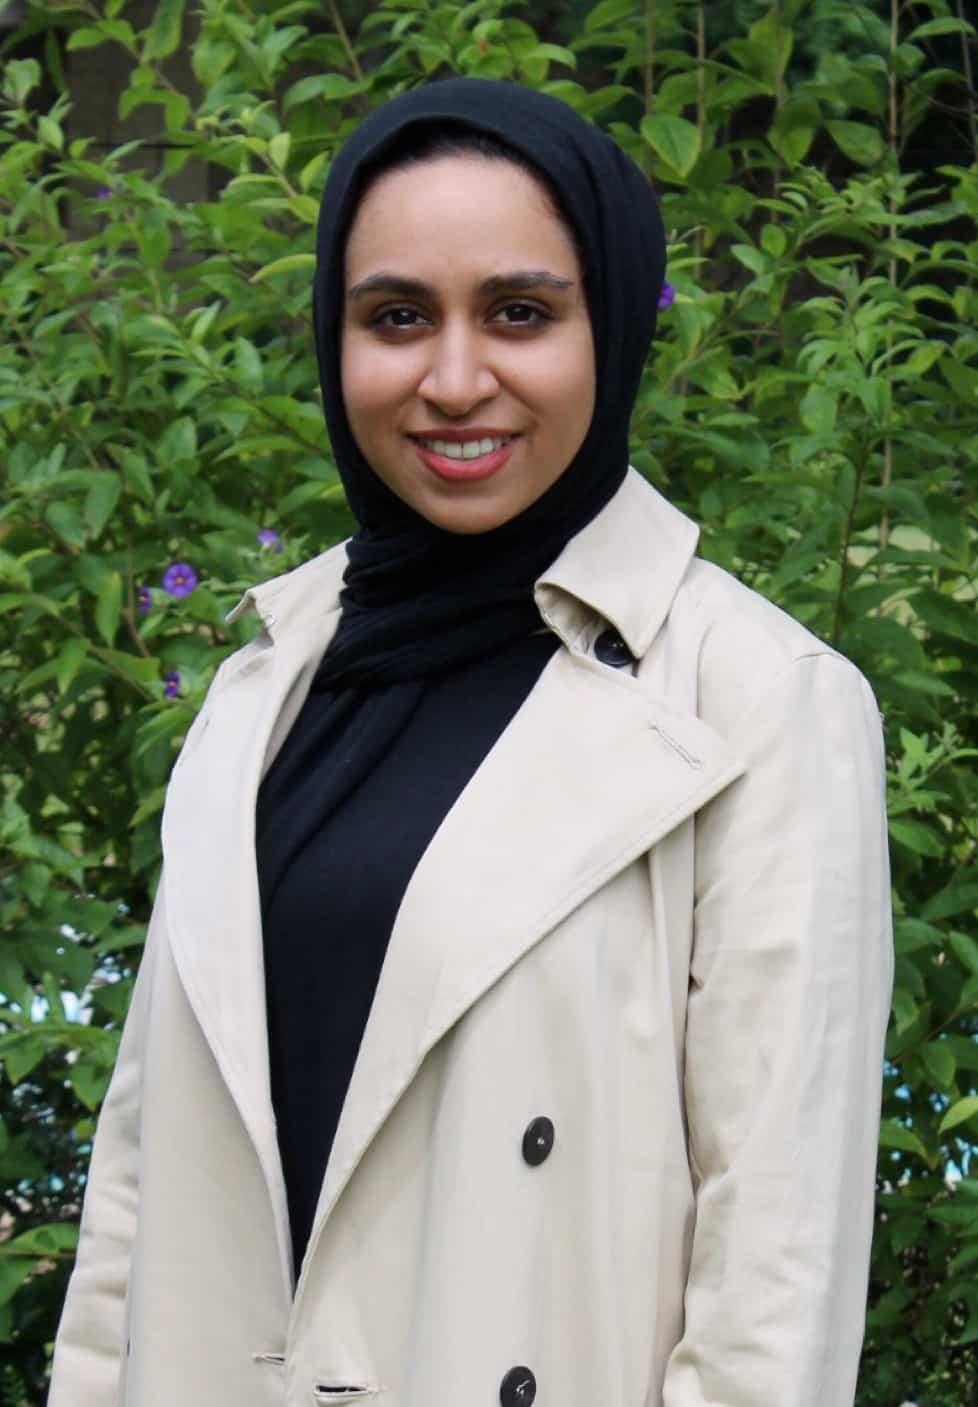 Tasmiya Jassat